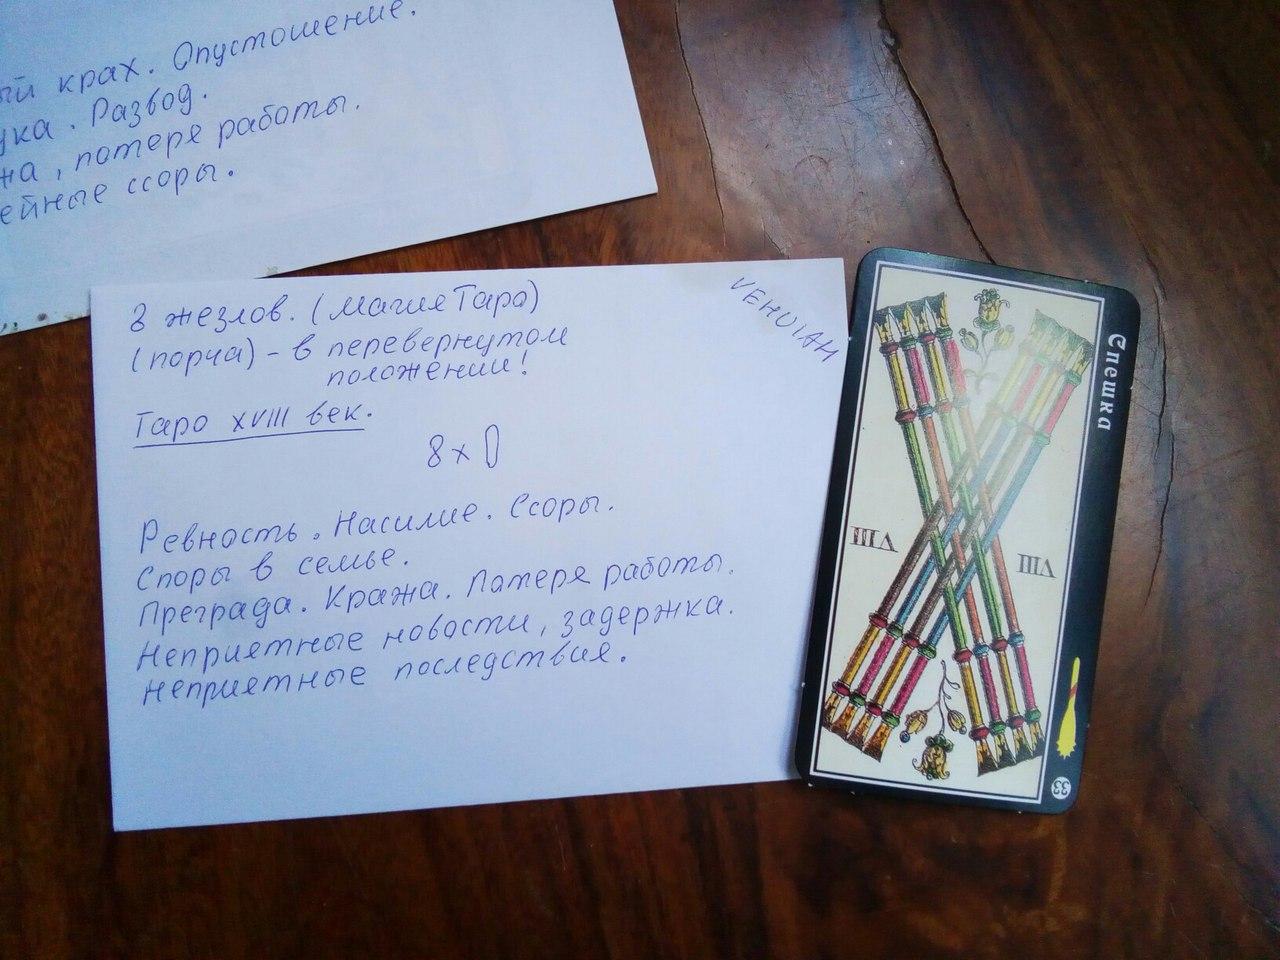 Рунограмма - Конверты с магическими программами от Елены Руденко. Ставы, символы, руническая магия.  - Страница 6 BdM0Ou8k8Zg